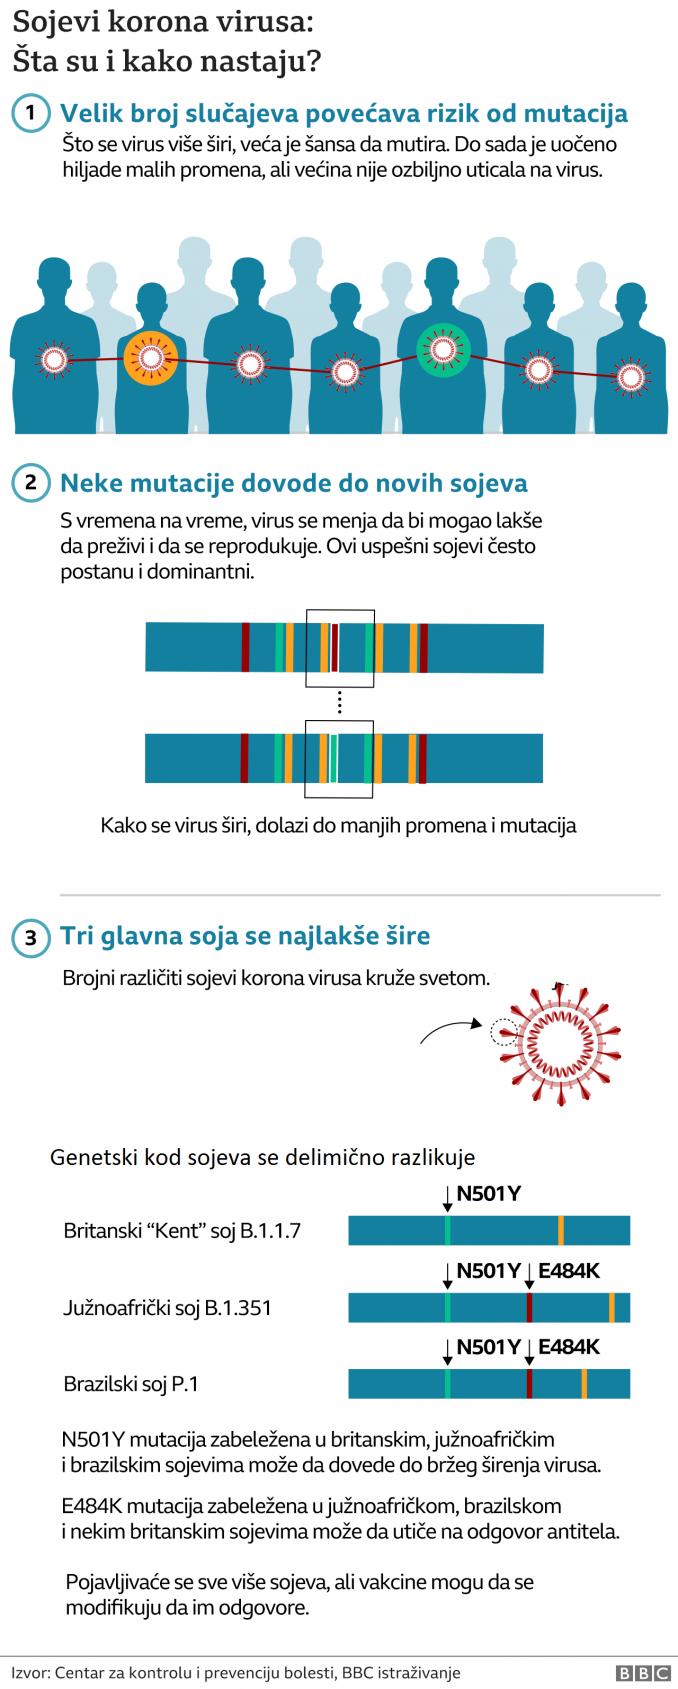 Korona virus: Bolnice u Srbiji se pune, Krizni štab danas o merama, brazilski soj virusa u Britaniji 4